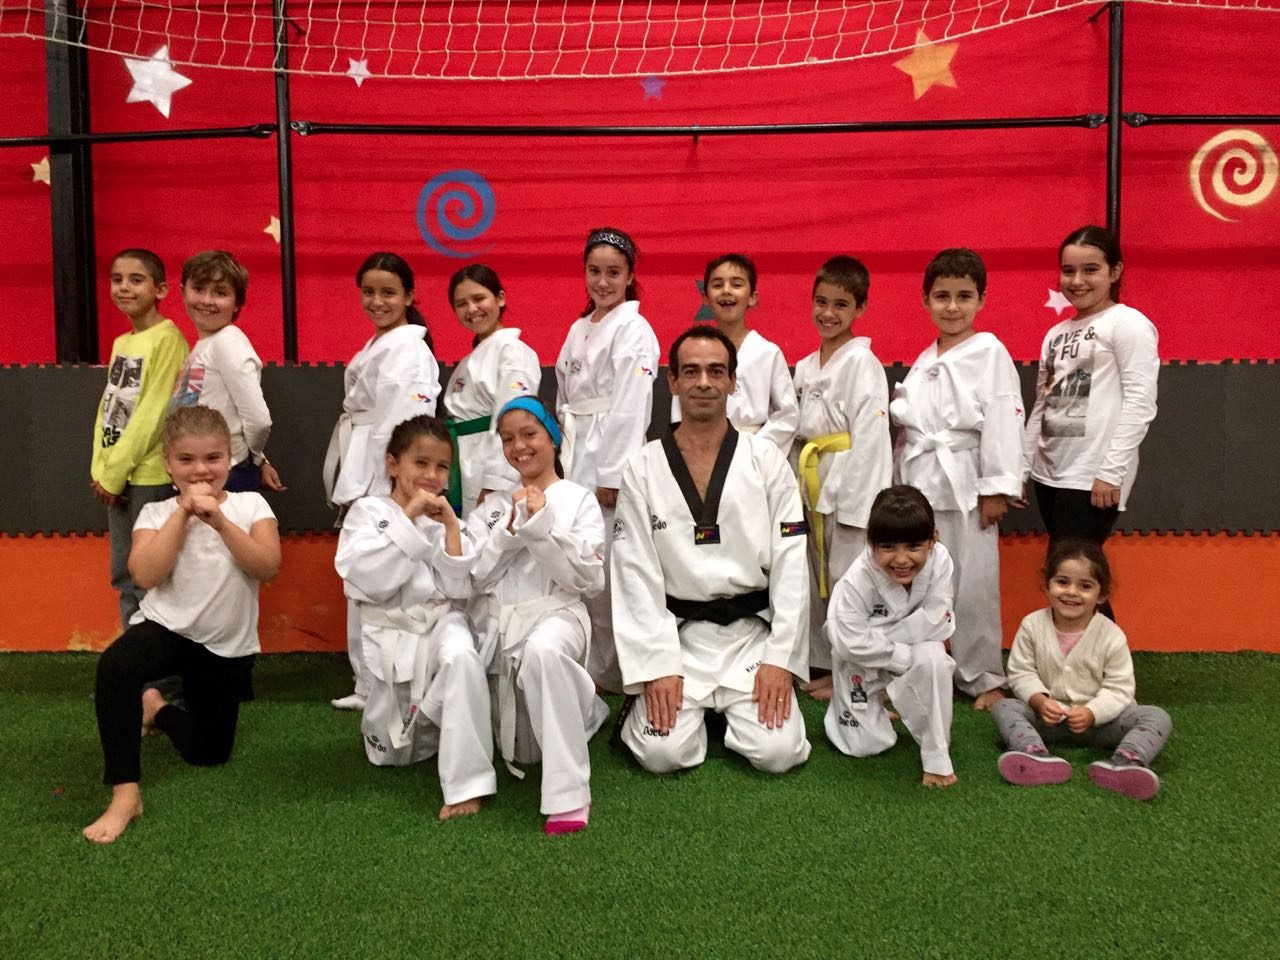 Weteach - Centros de Estudos - Taekwondo